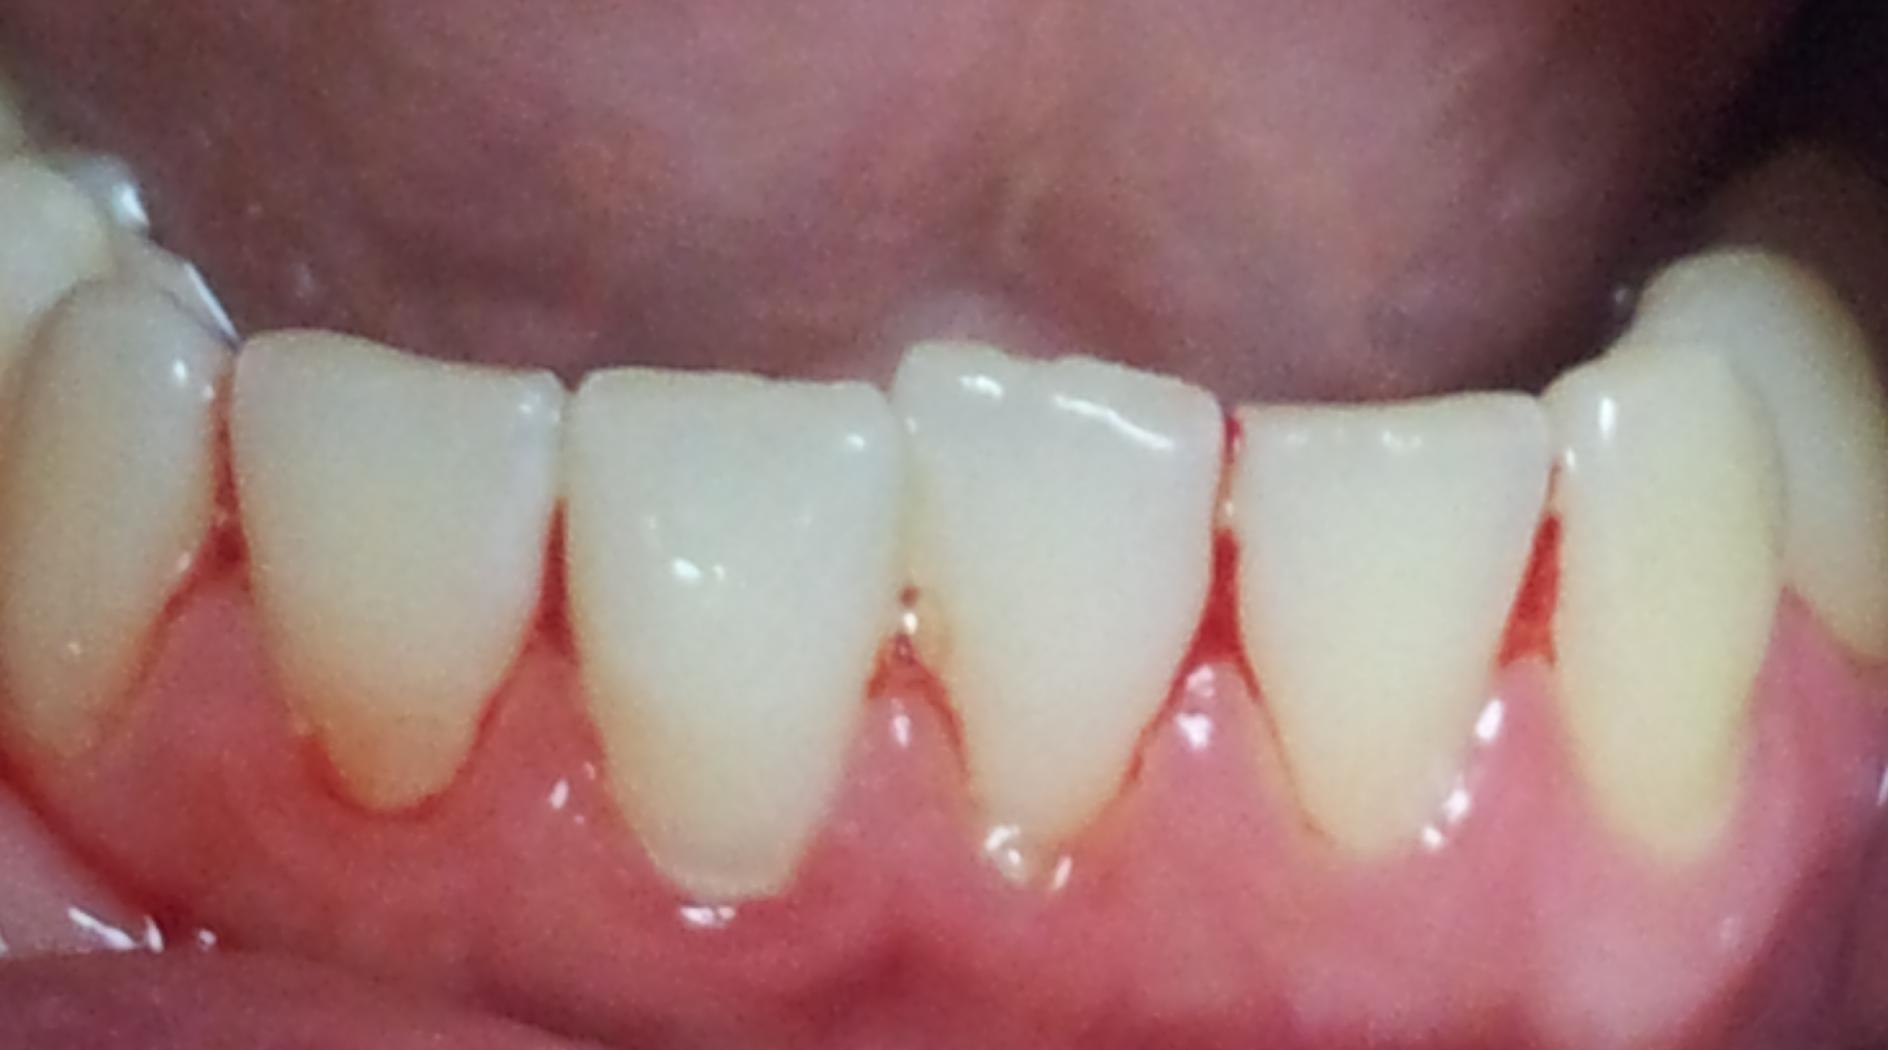 Воспаление десны под коронкой зуба